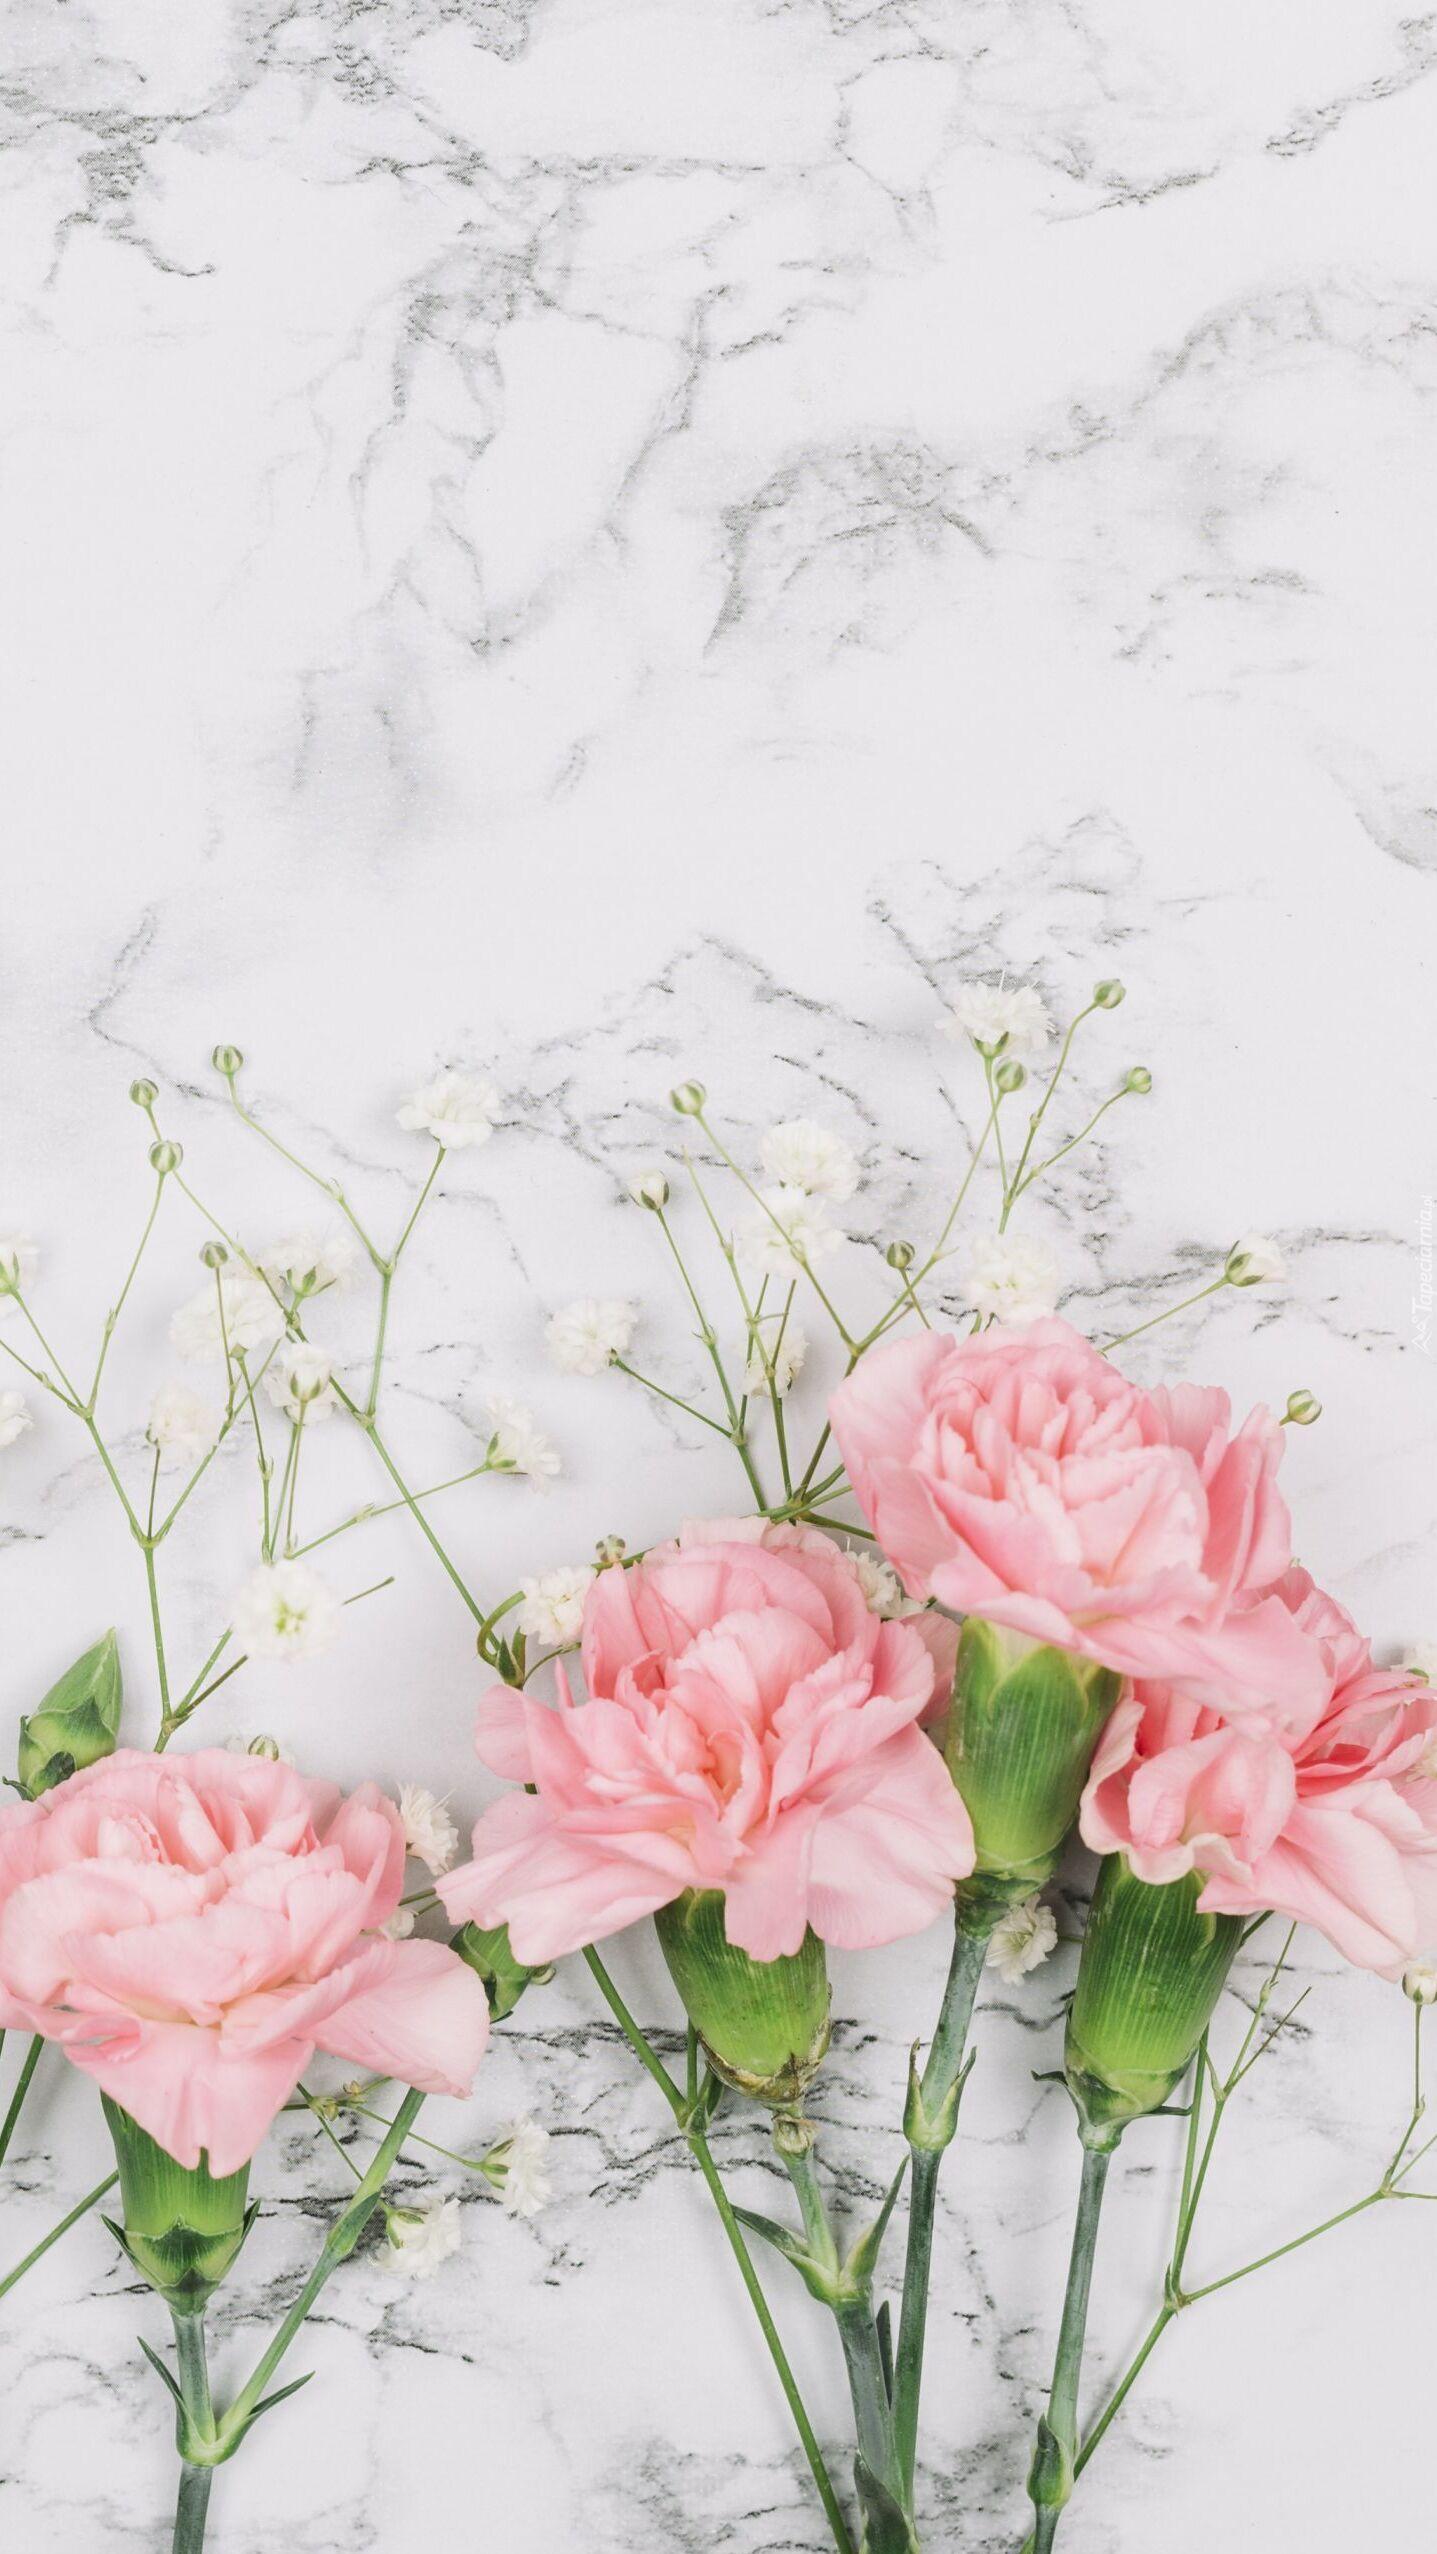 Cztery różowe goździki